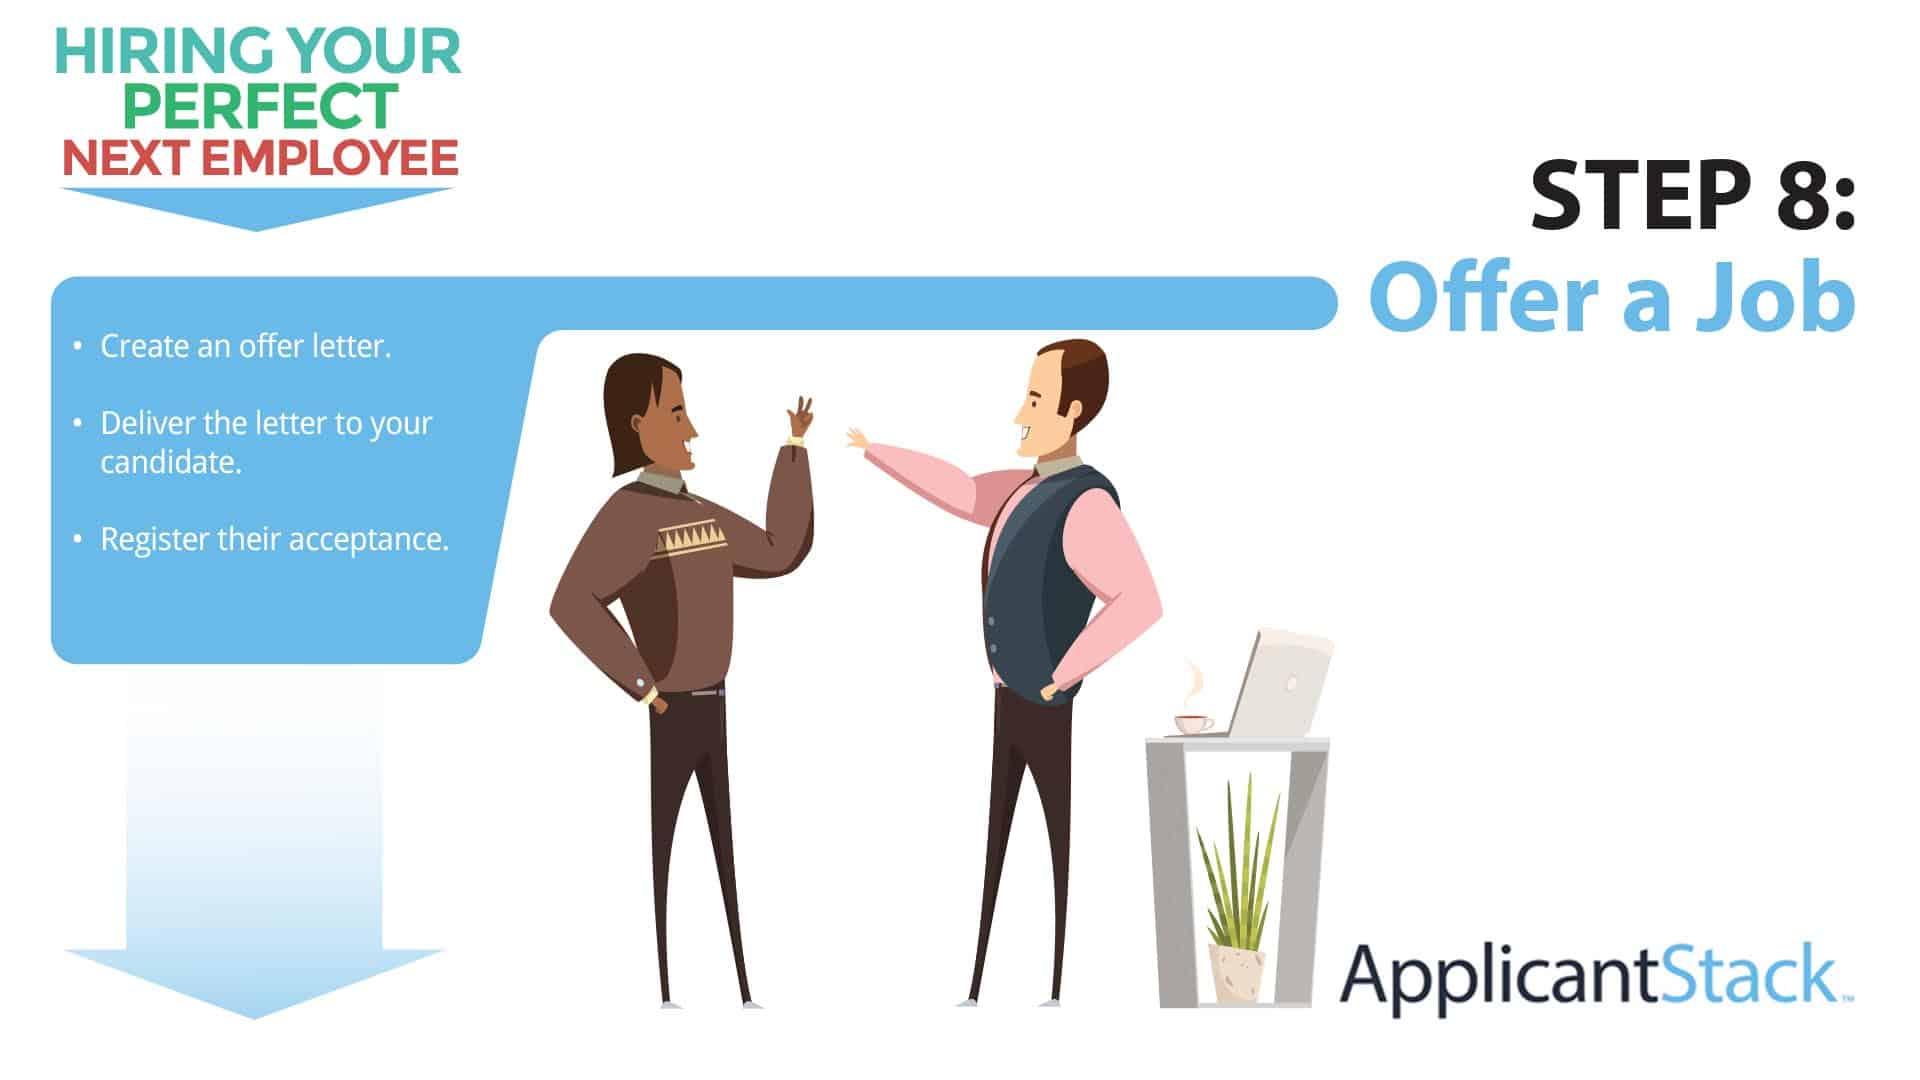 Offer a Job